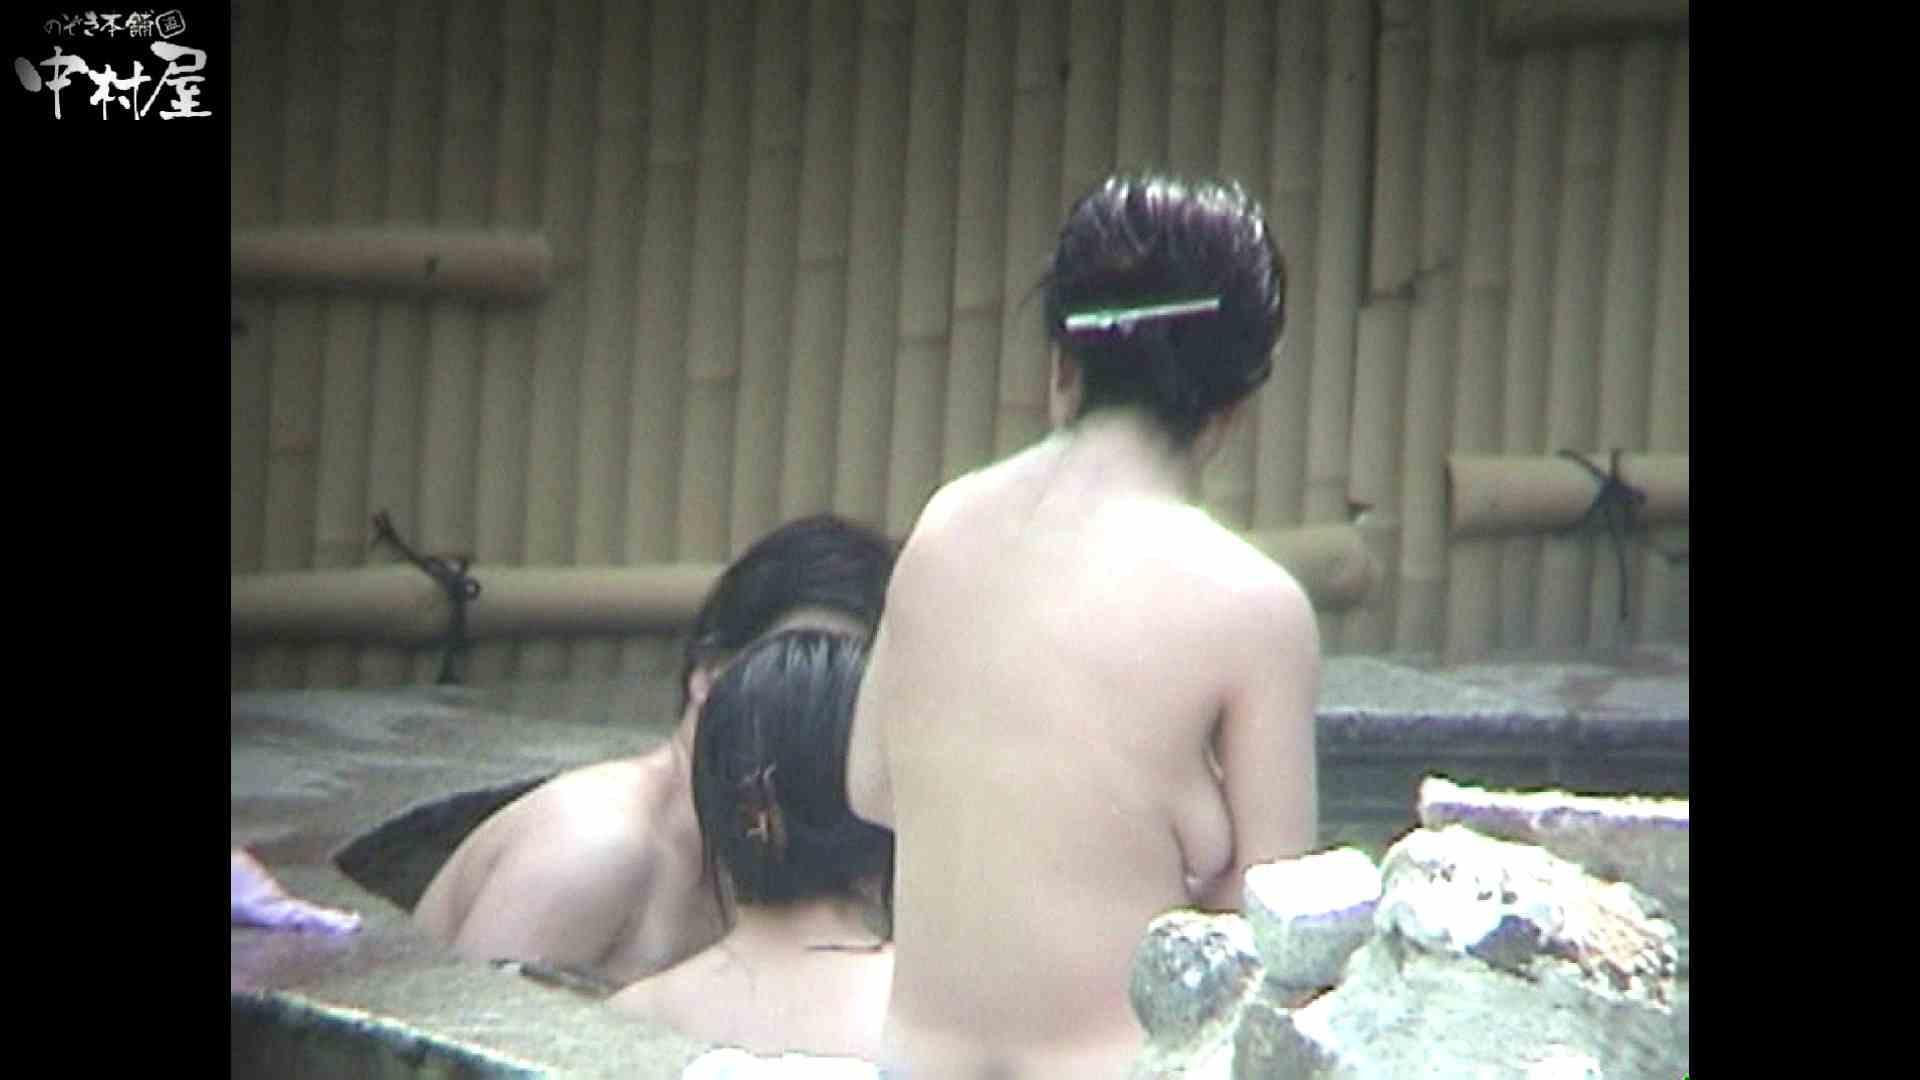 Aquaな露天風呂Vol.936 盗撮 | 露天  75画像 67